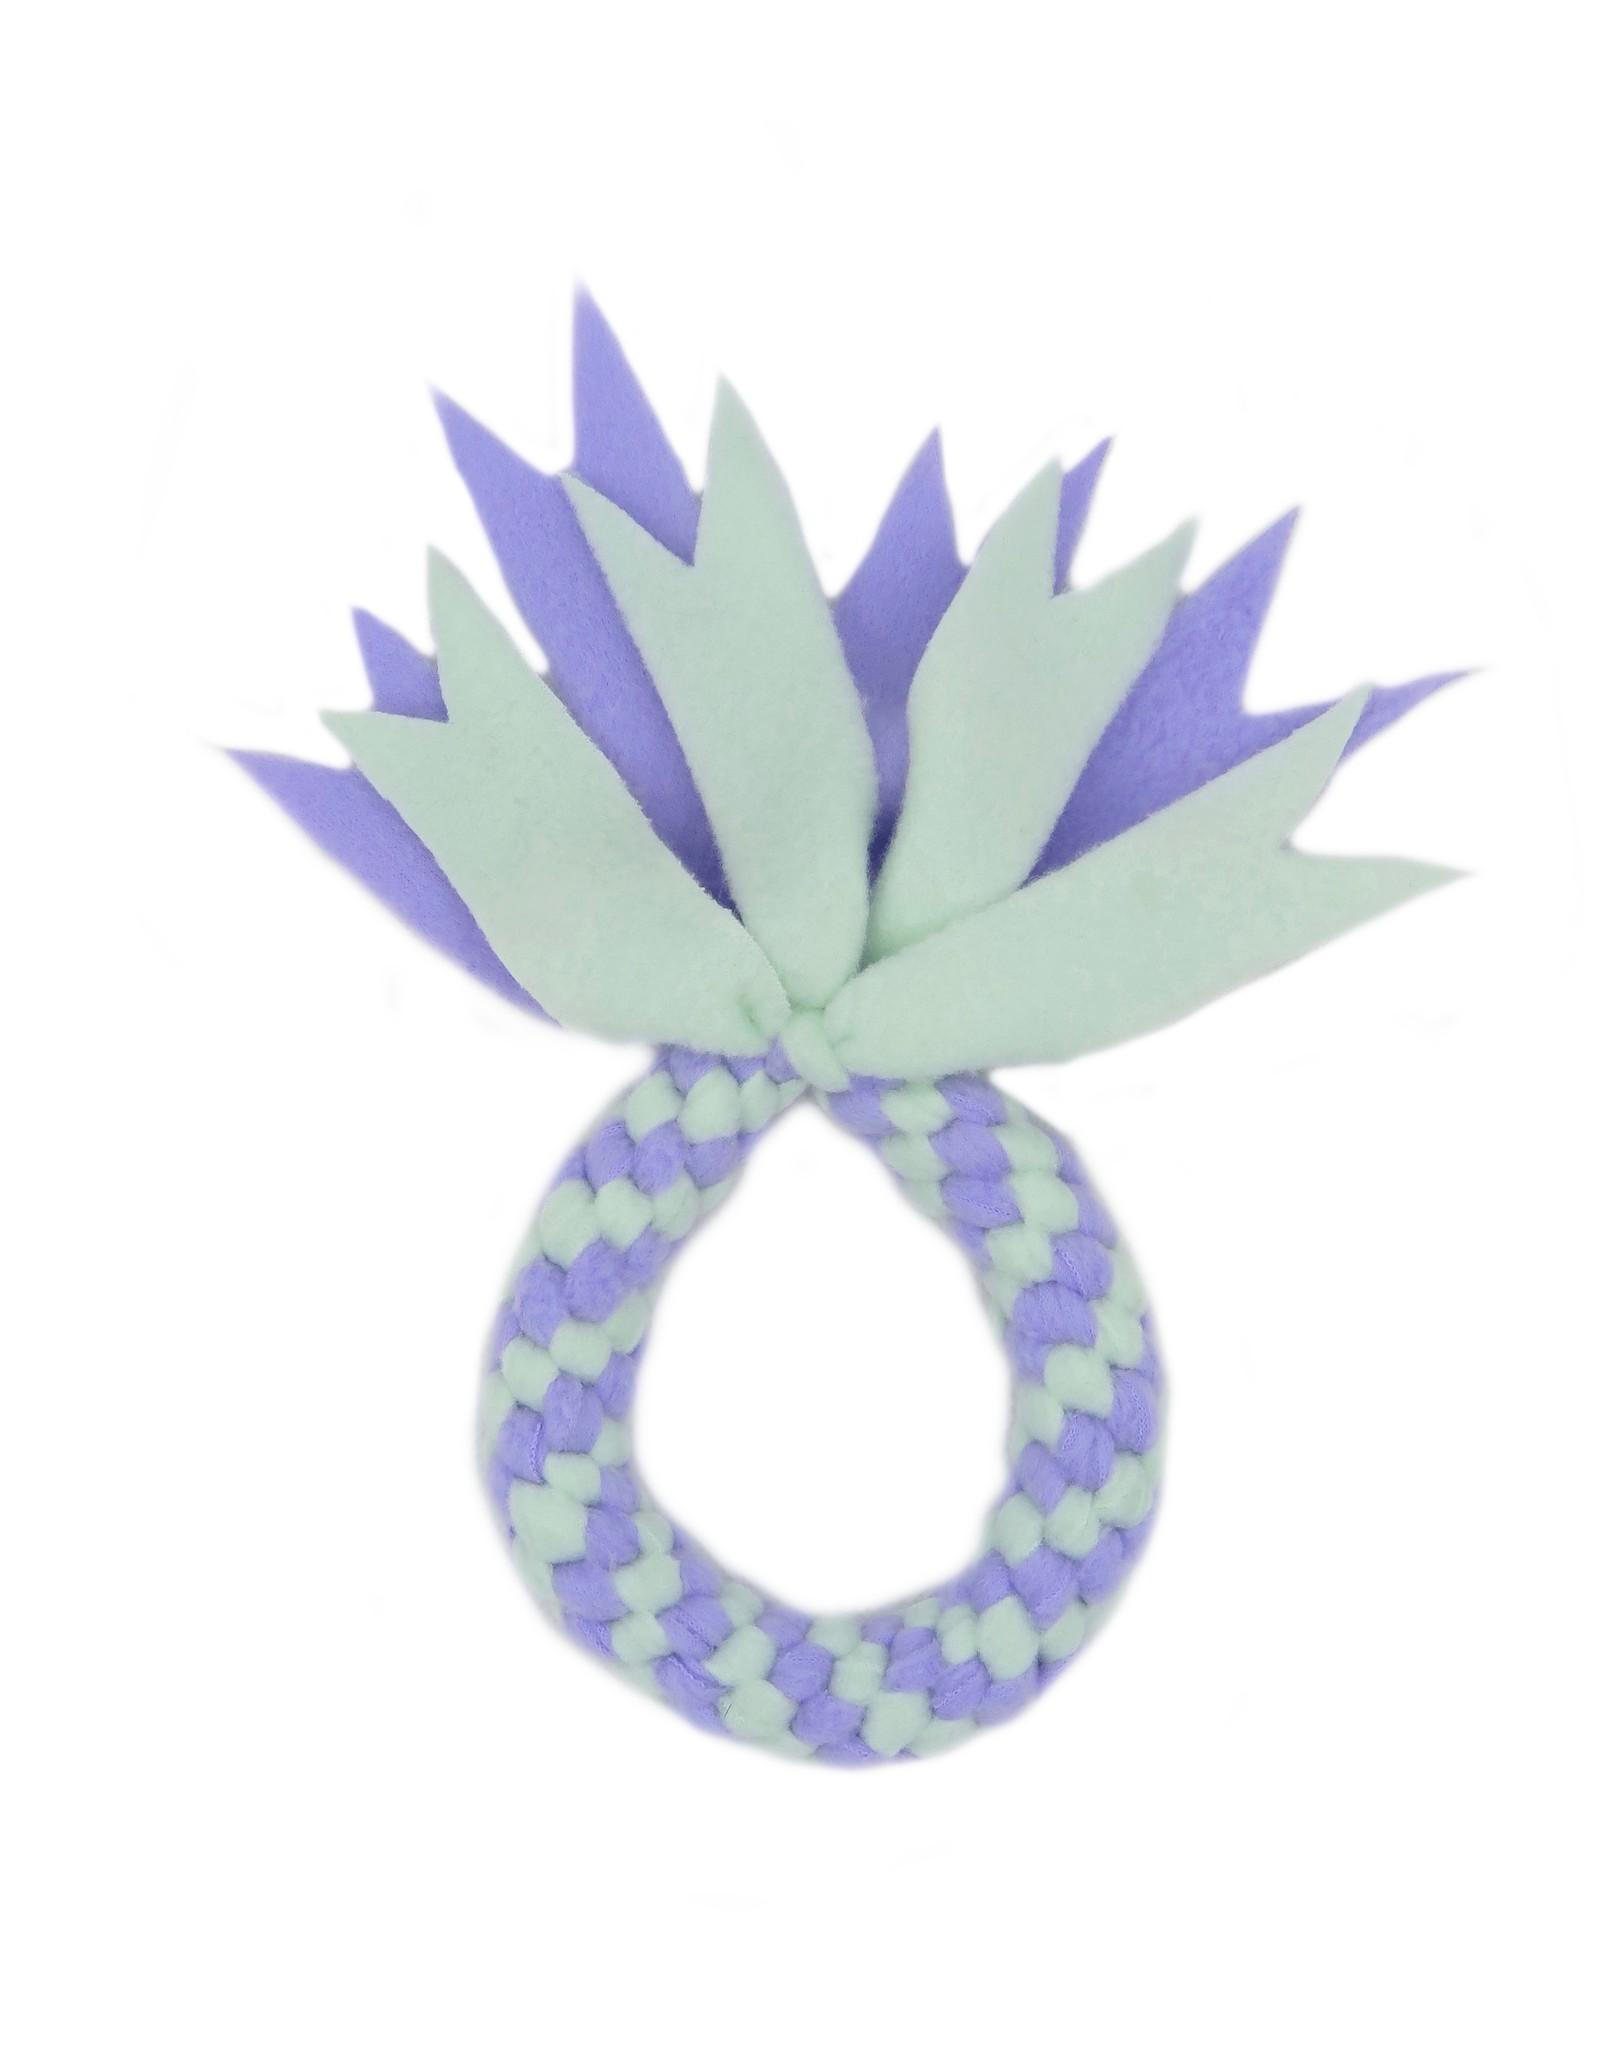 Mermaid round fleece toy